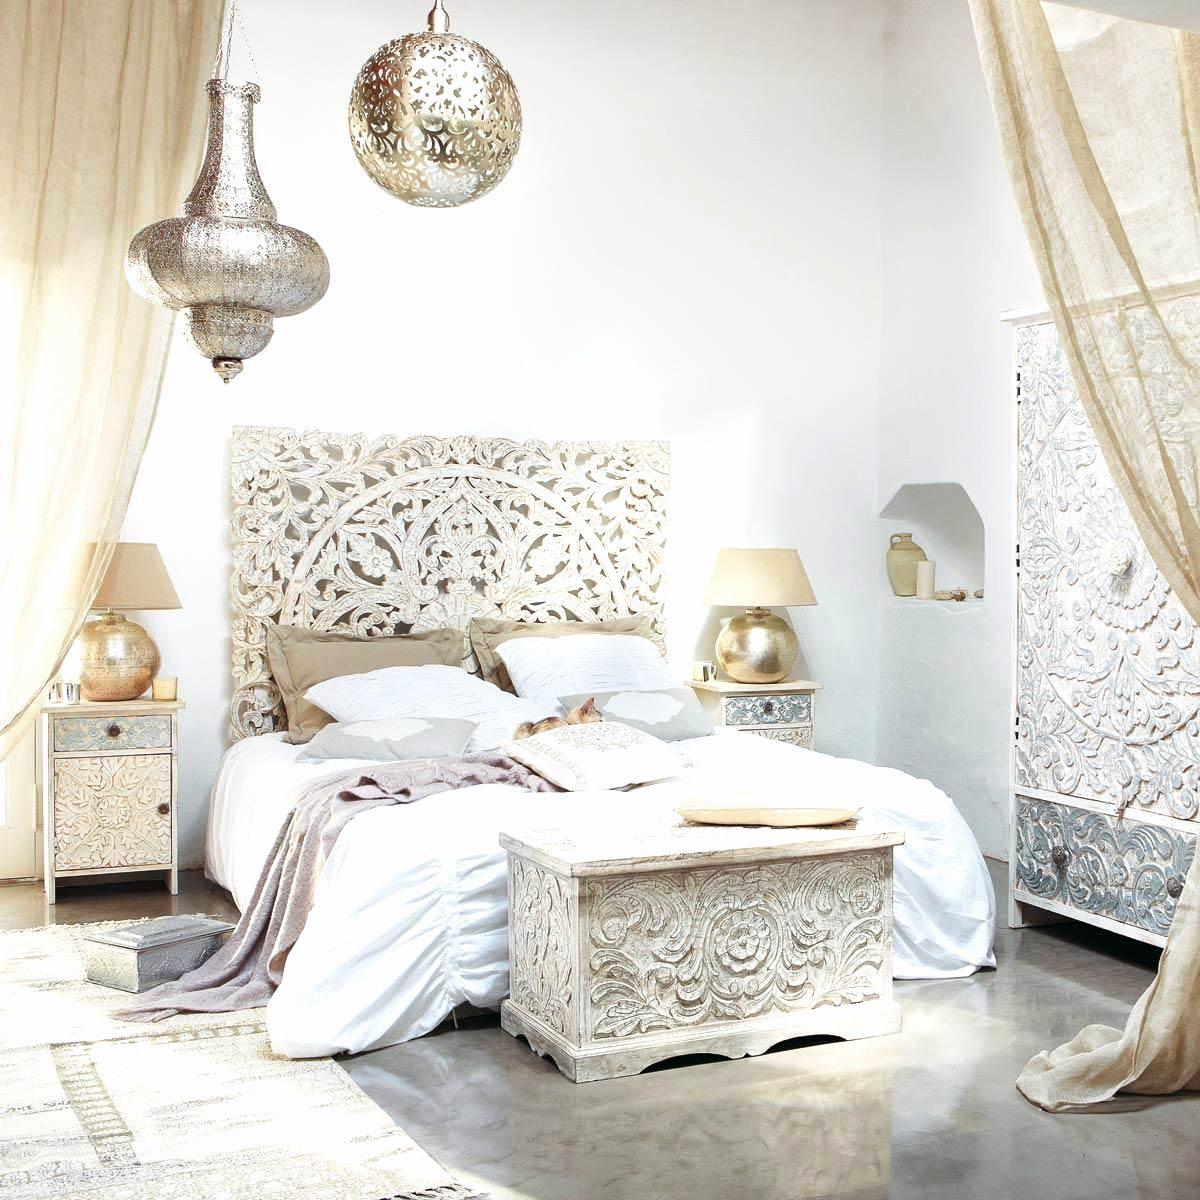 Tete De Lit Marocaine Meilleur De Tete De Lit originale 160 Inspirant Tete De Lit Marocaine Avec Tete